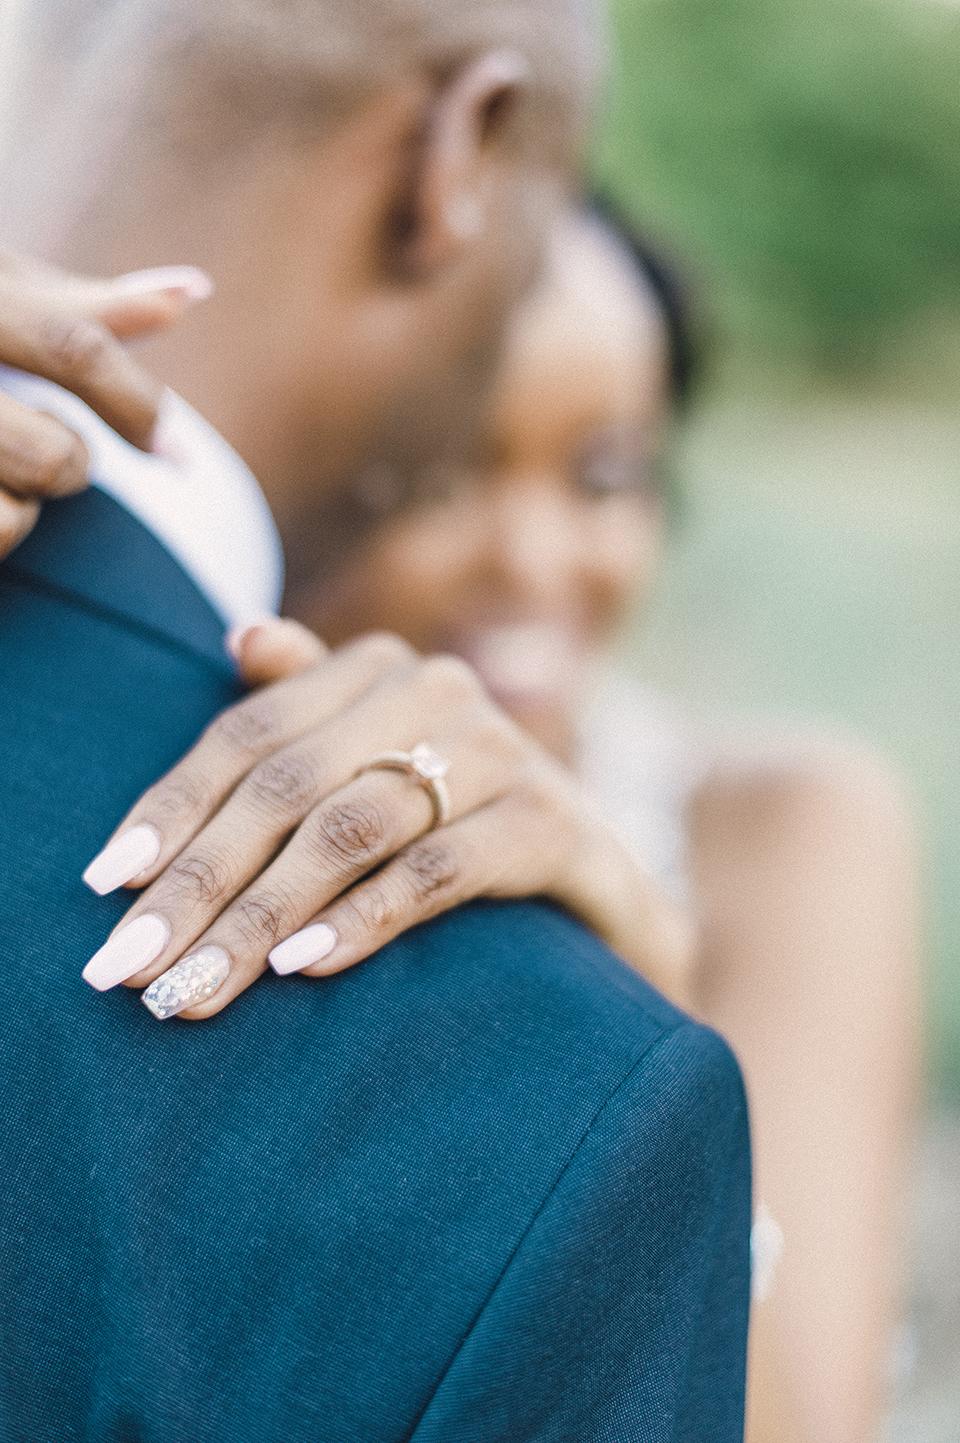 RyanParker_WeddingPhotographer_FineArt_CapeTown_Johannesburg_Hermanus_Avianto_T&L_DSC_9246.jpg